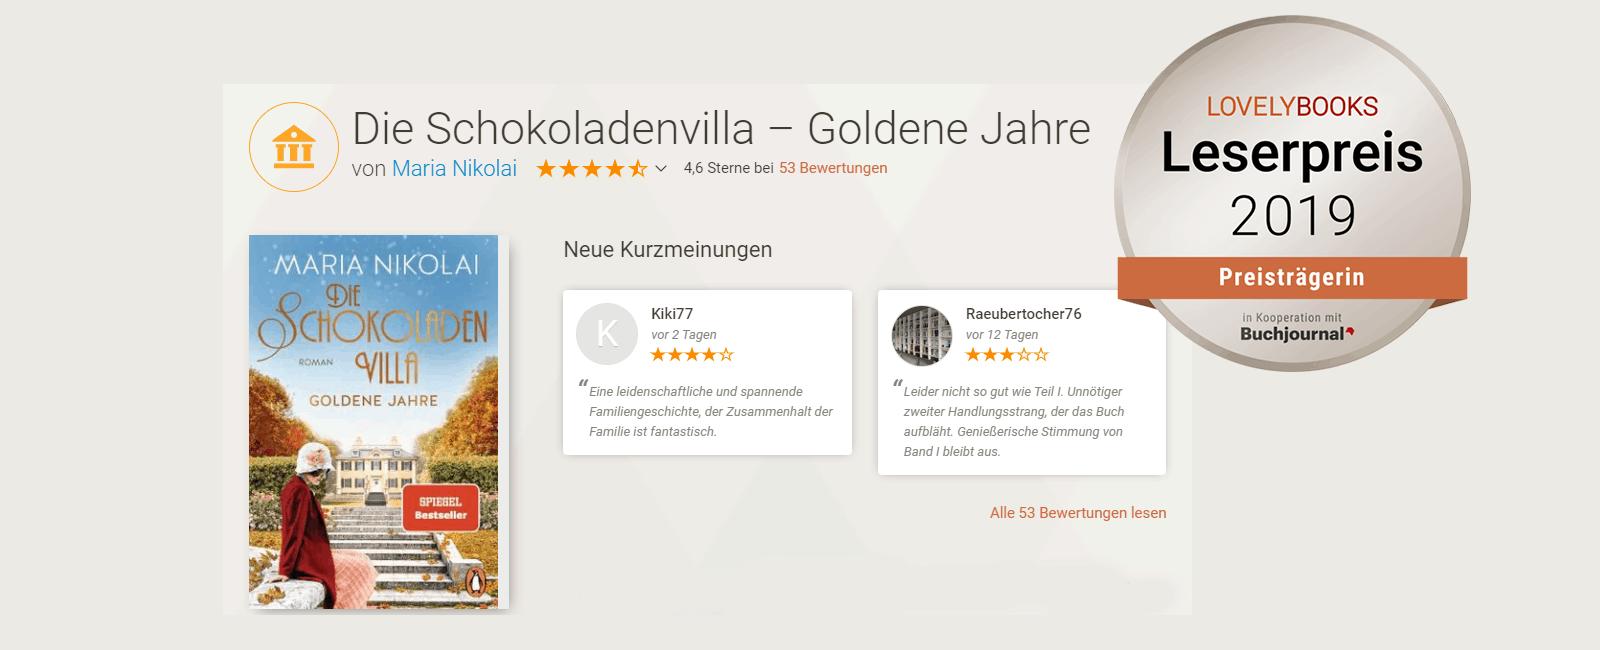 Die Schokoladenvilla Band 2 Goldene Jahre Lovely Books Preisträgerin 2019 Silber